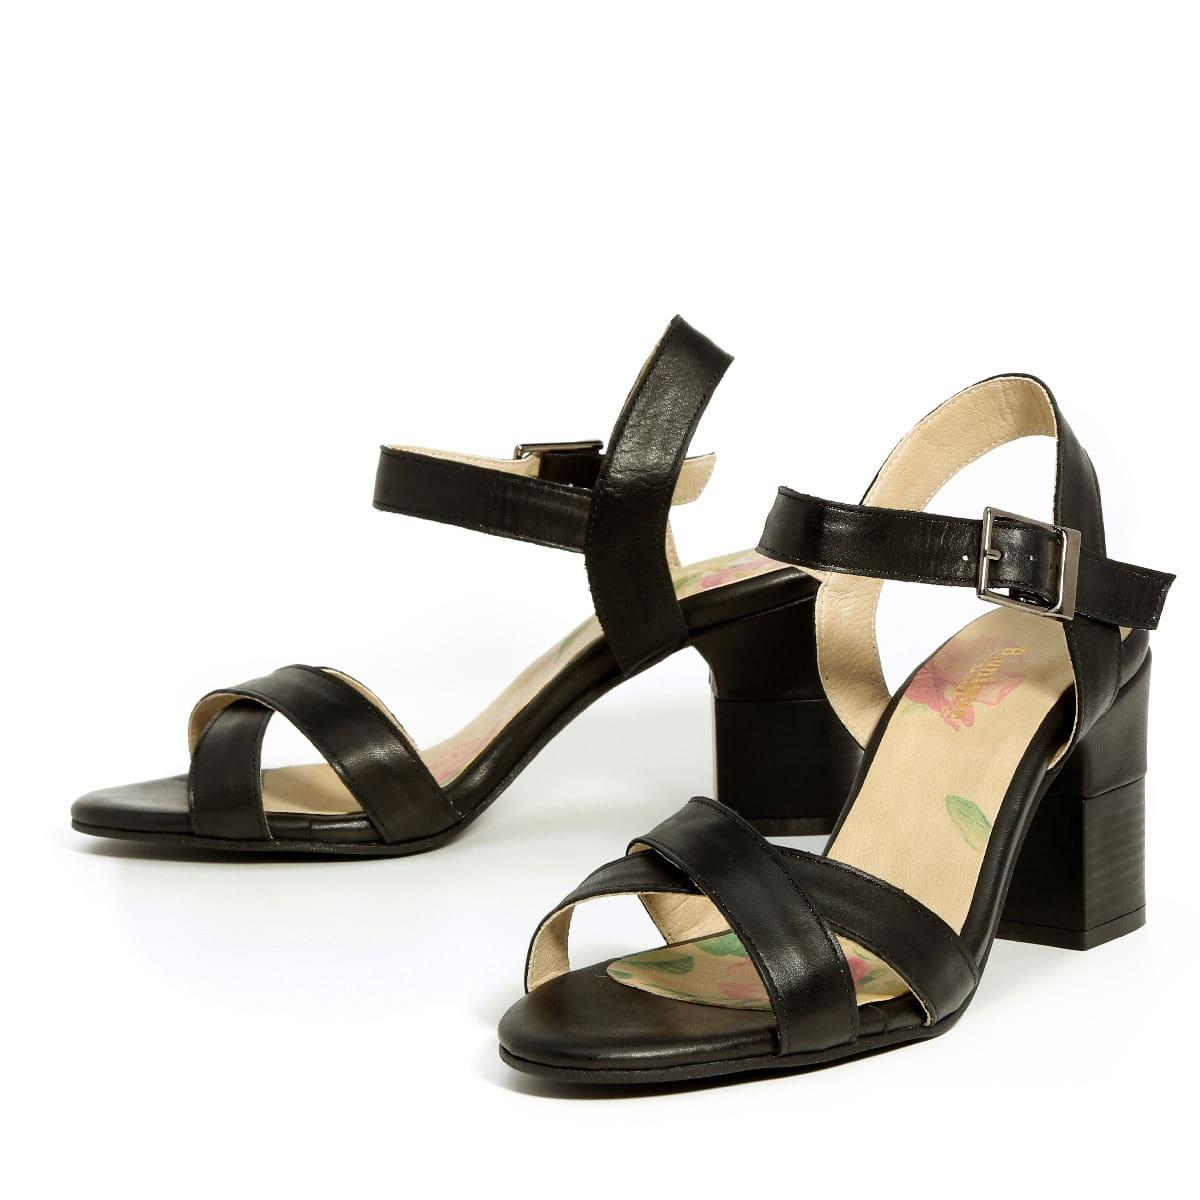 דגם דפני: נעלי עקב בצבע שחור